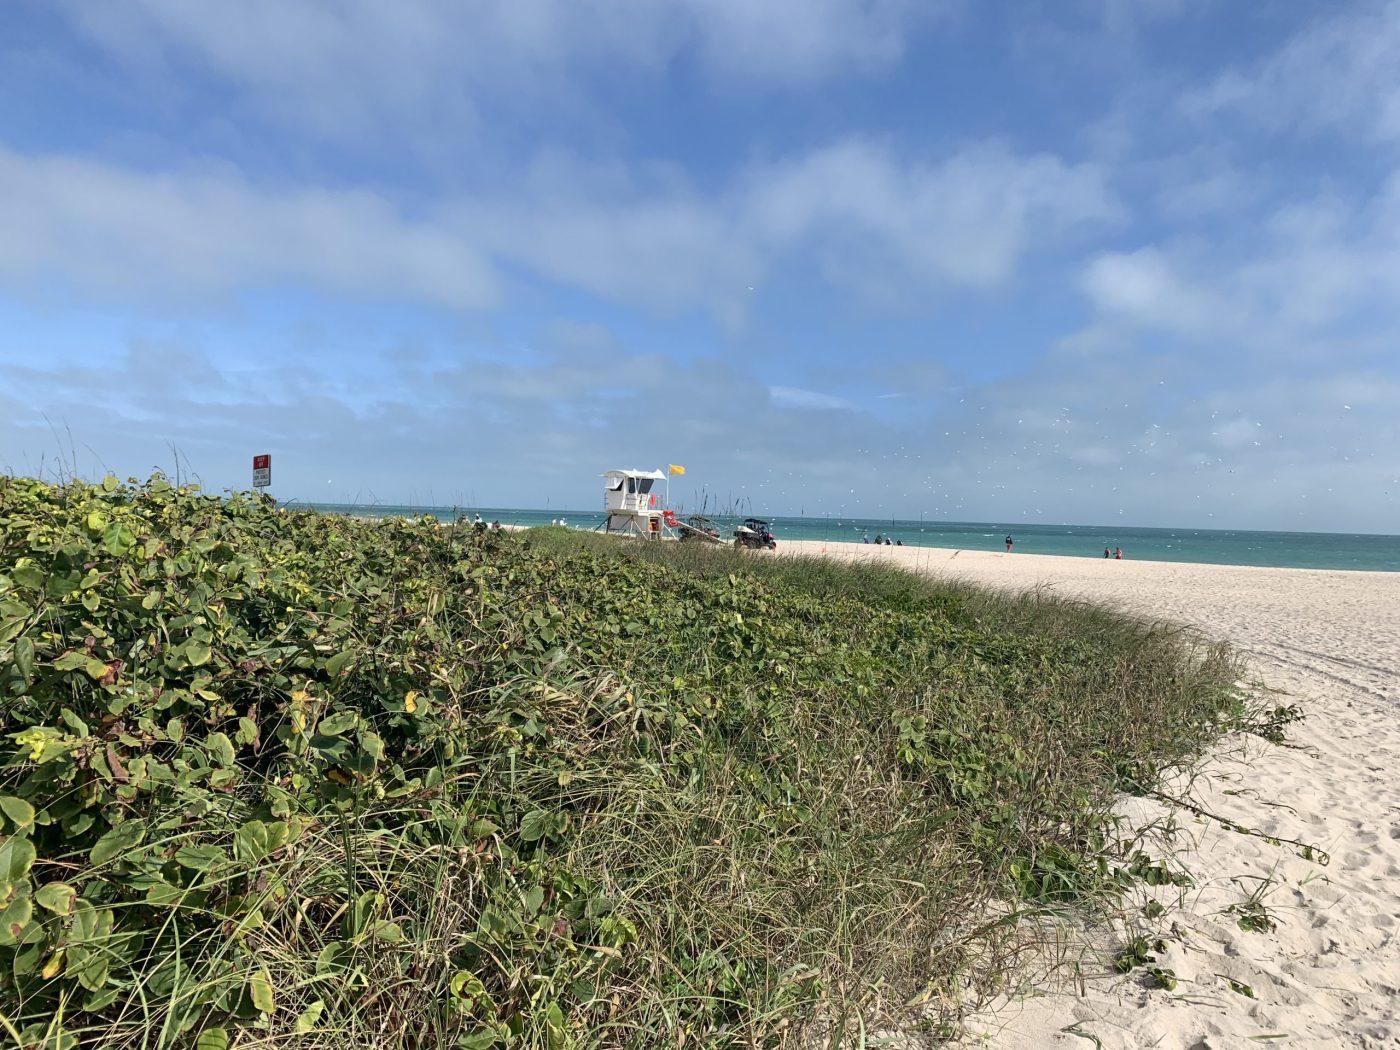 South Beach Vero Beach